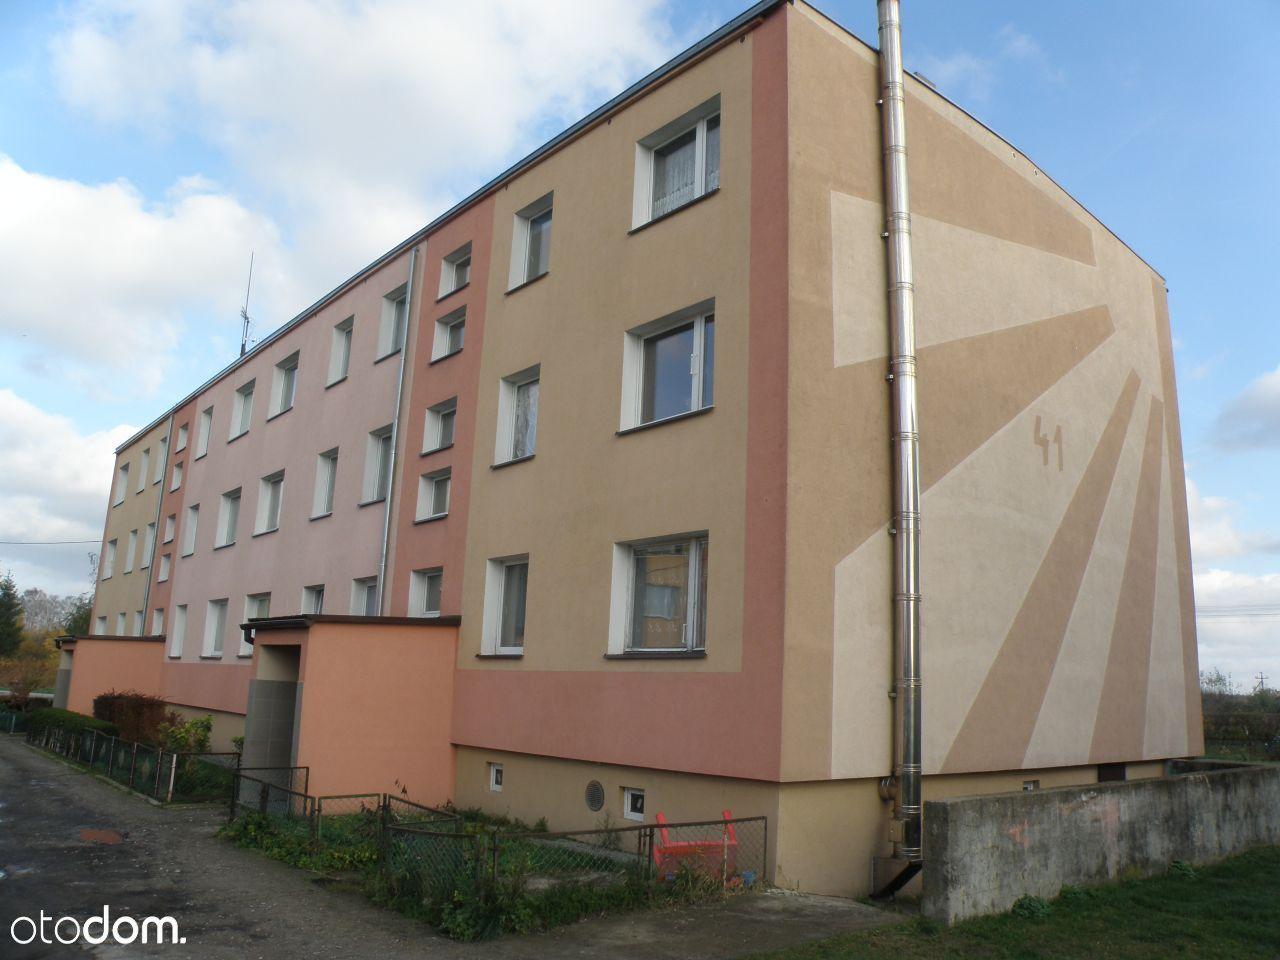 Mieszkanie na sprzedaż, Mołtajny, kętrzyński, warmińsko-mazurskie - Foto 1